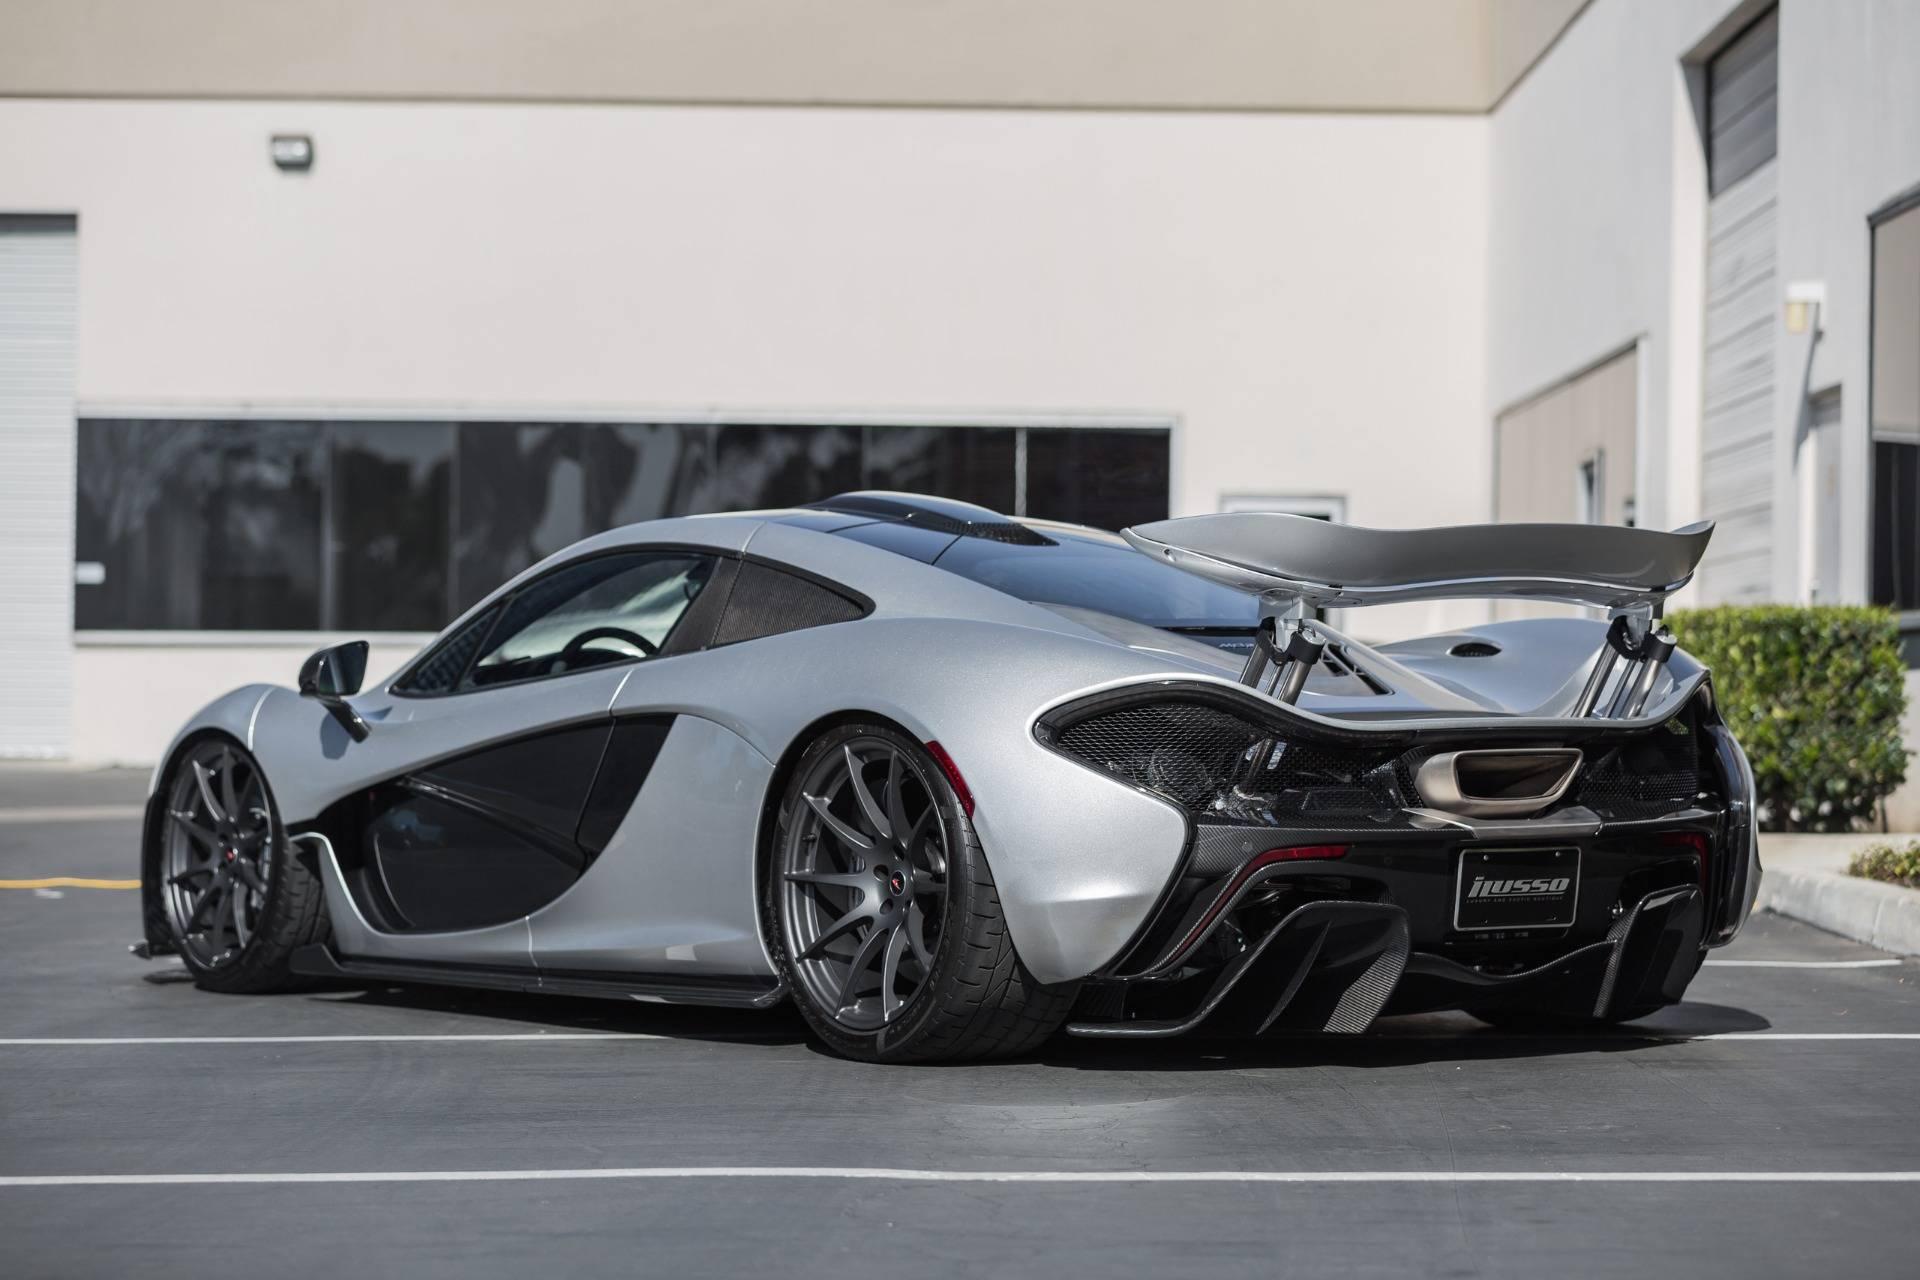 Кроме того, в стандартную комплектацию входят легкосплавные кованые диски с шинами Pirelli P Zero Corsa, выдвижное заднее антикрыло, характерные двустворчатыми двери и, конечно же, семиступенчатая коробкой передач McLaren с двойной муфтой сцепления.